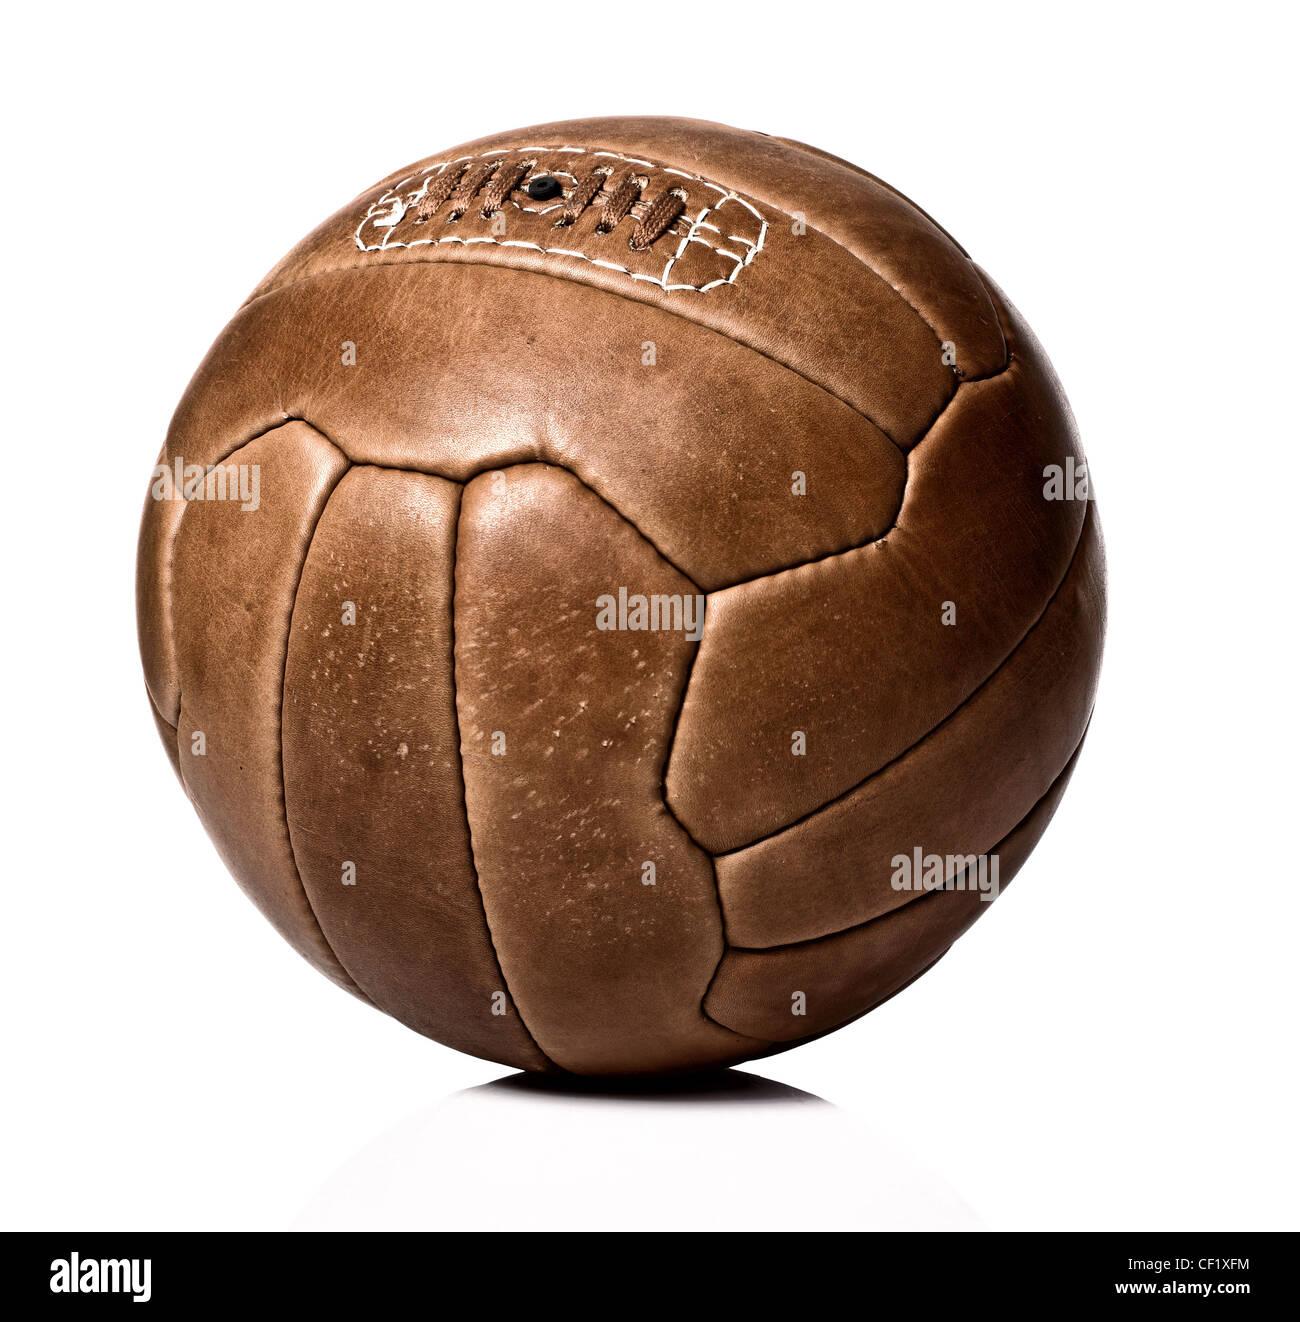 Immagine della pelle retrò pallone da calcio Immagini Stock